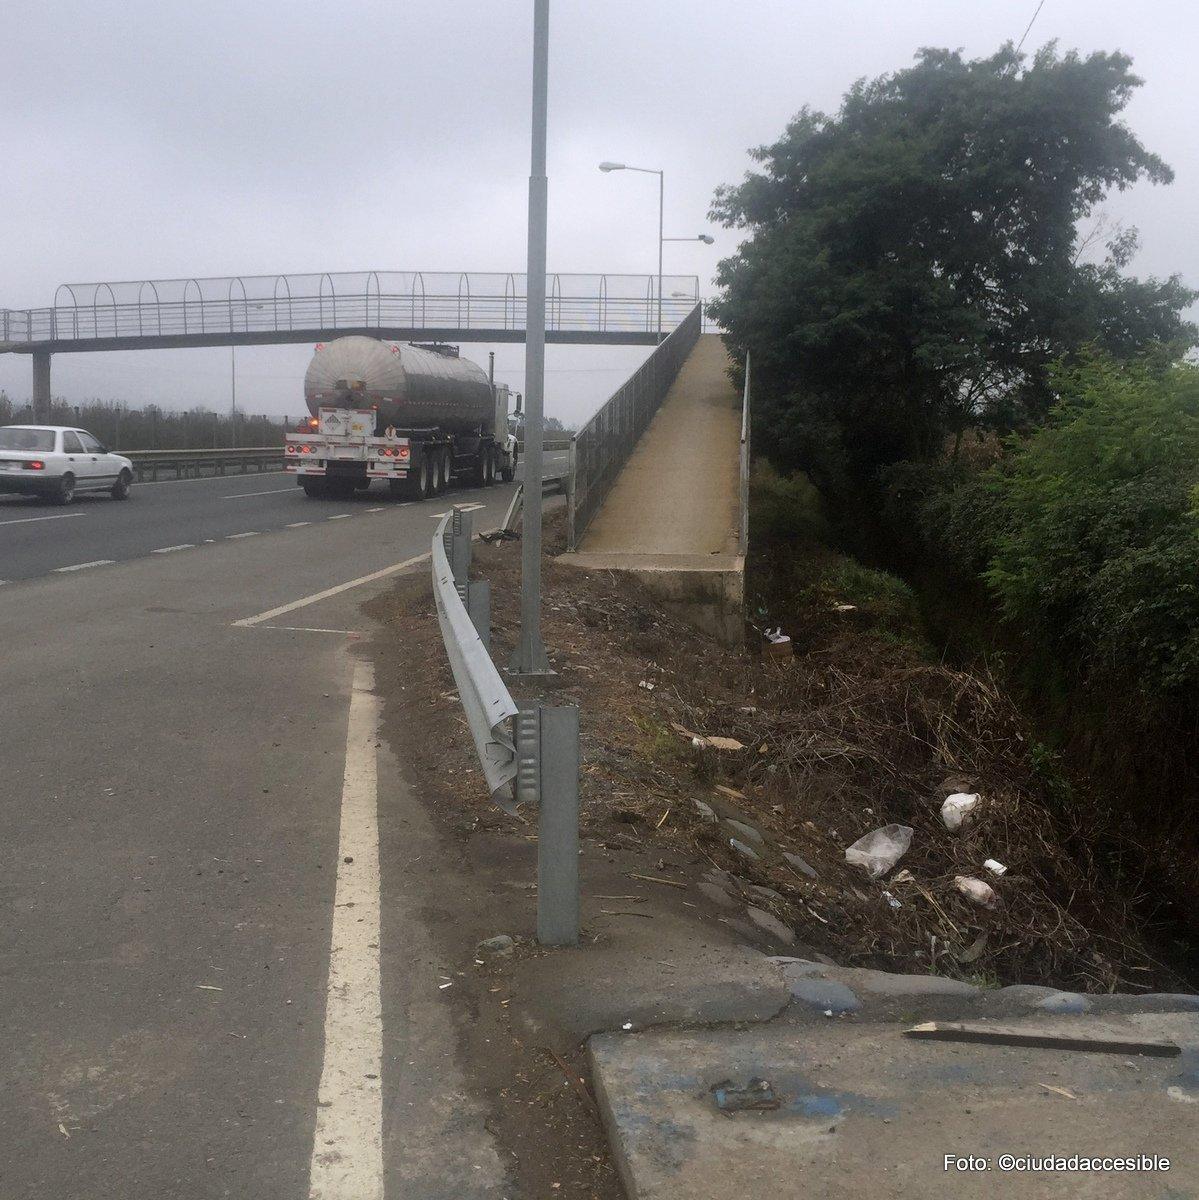 pasarela peatonal en ruta 5 sin conexión a paradero